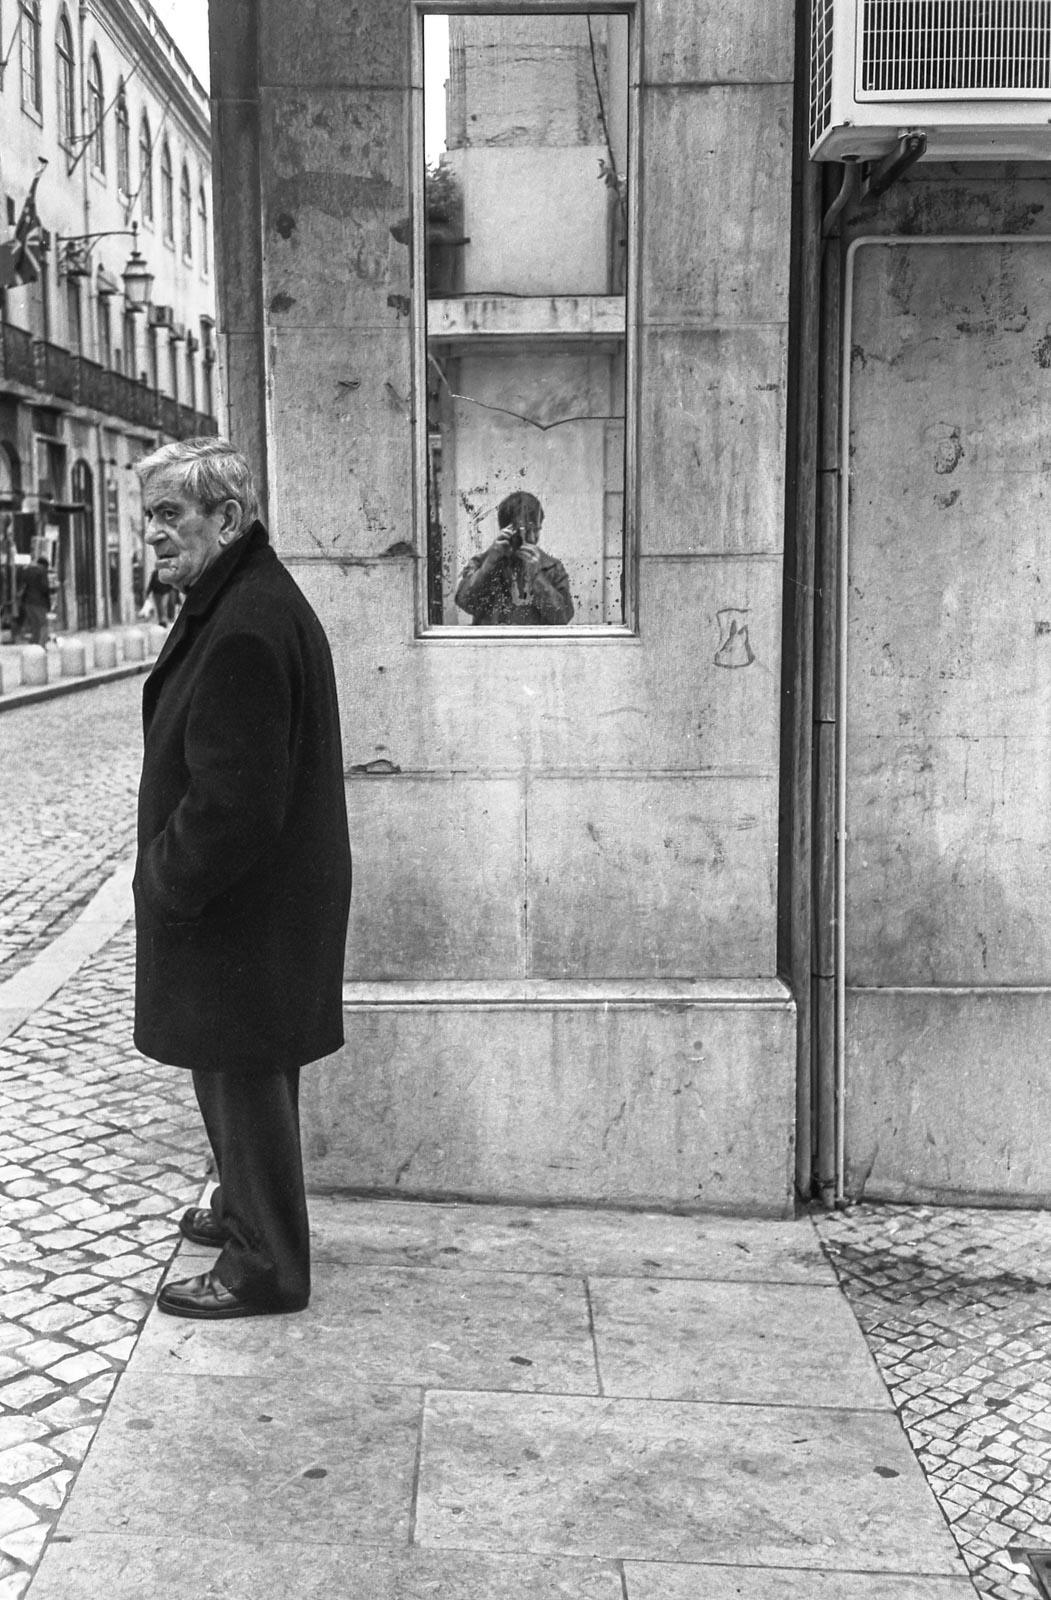 Le miroir, Lisbonne 2002